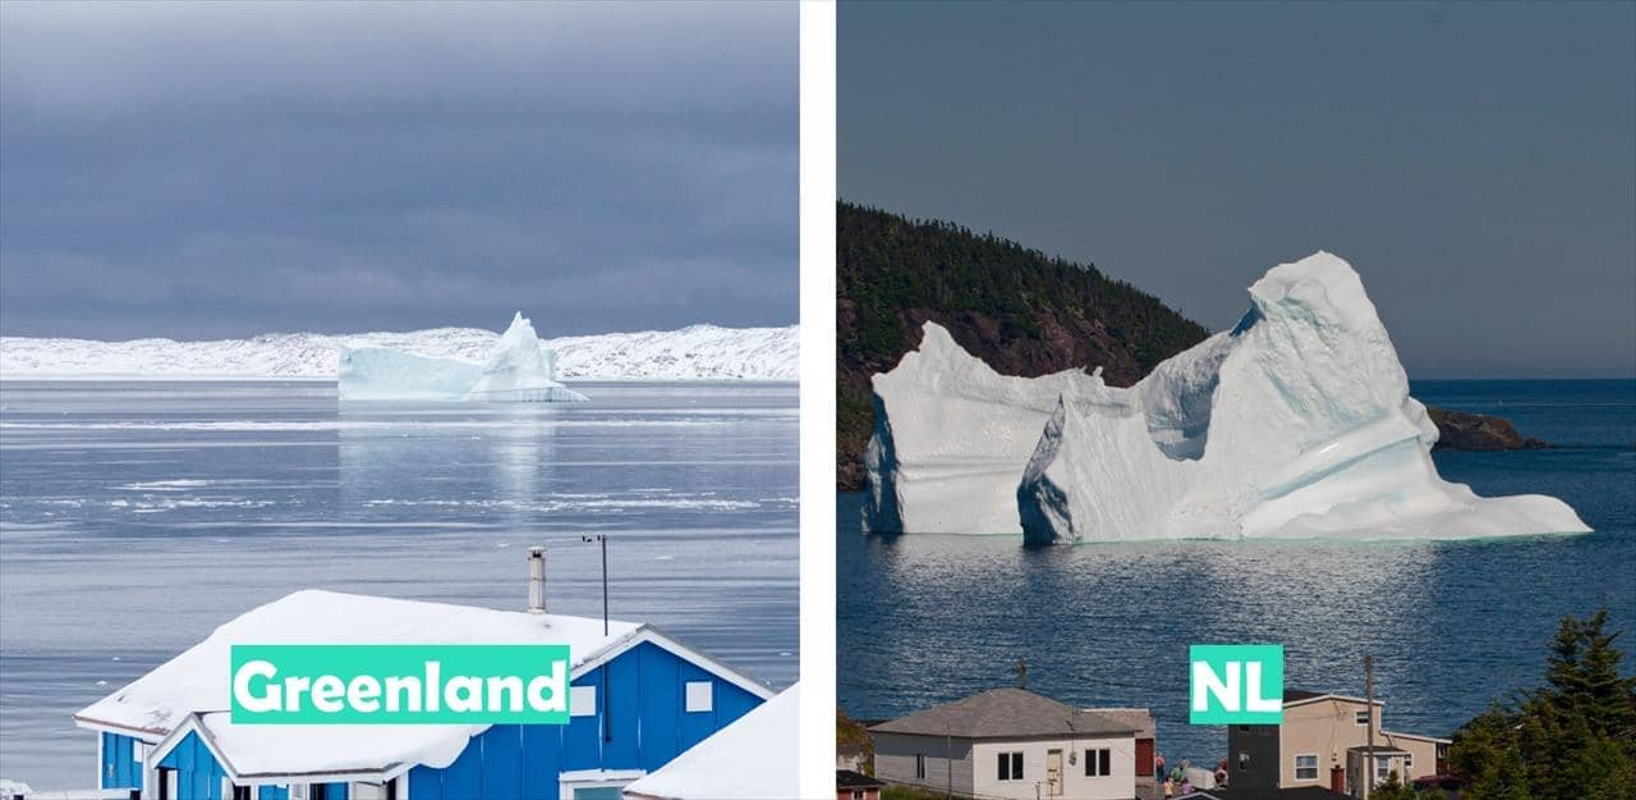 Greenland vs Newfoundland & Labrador